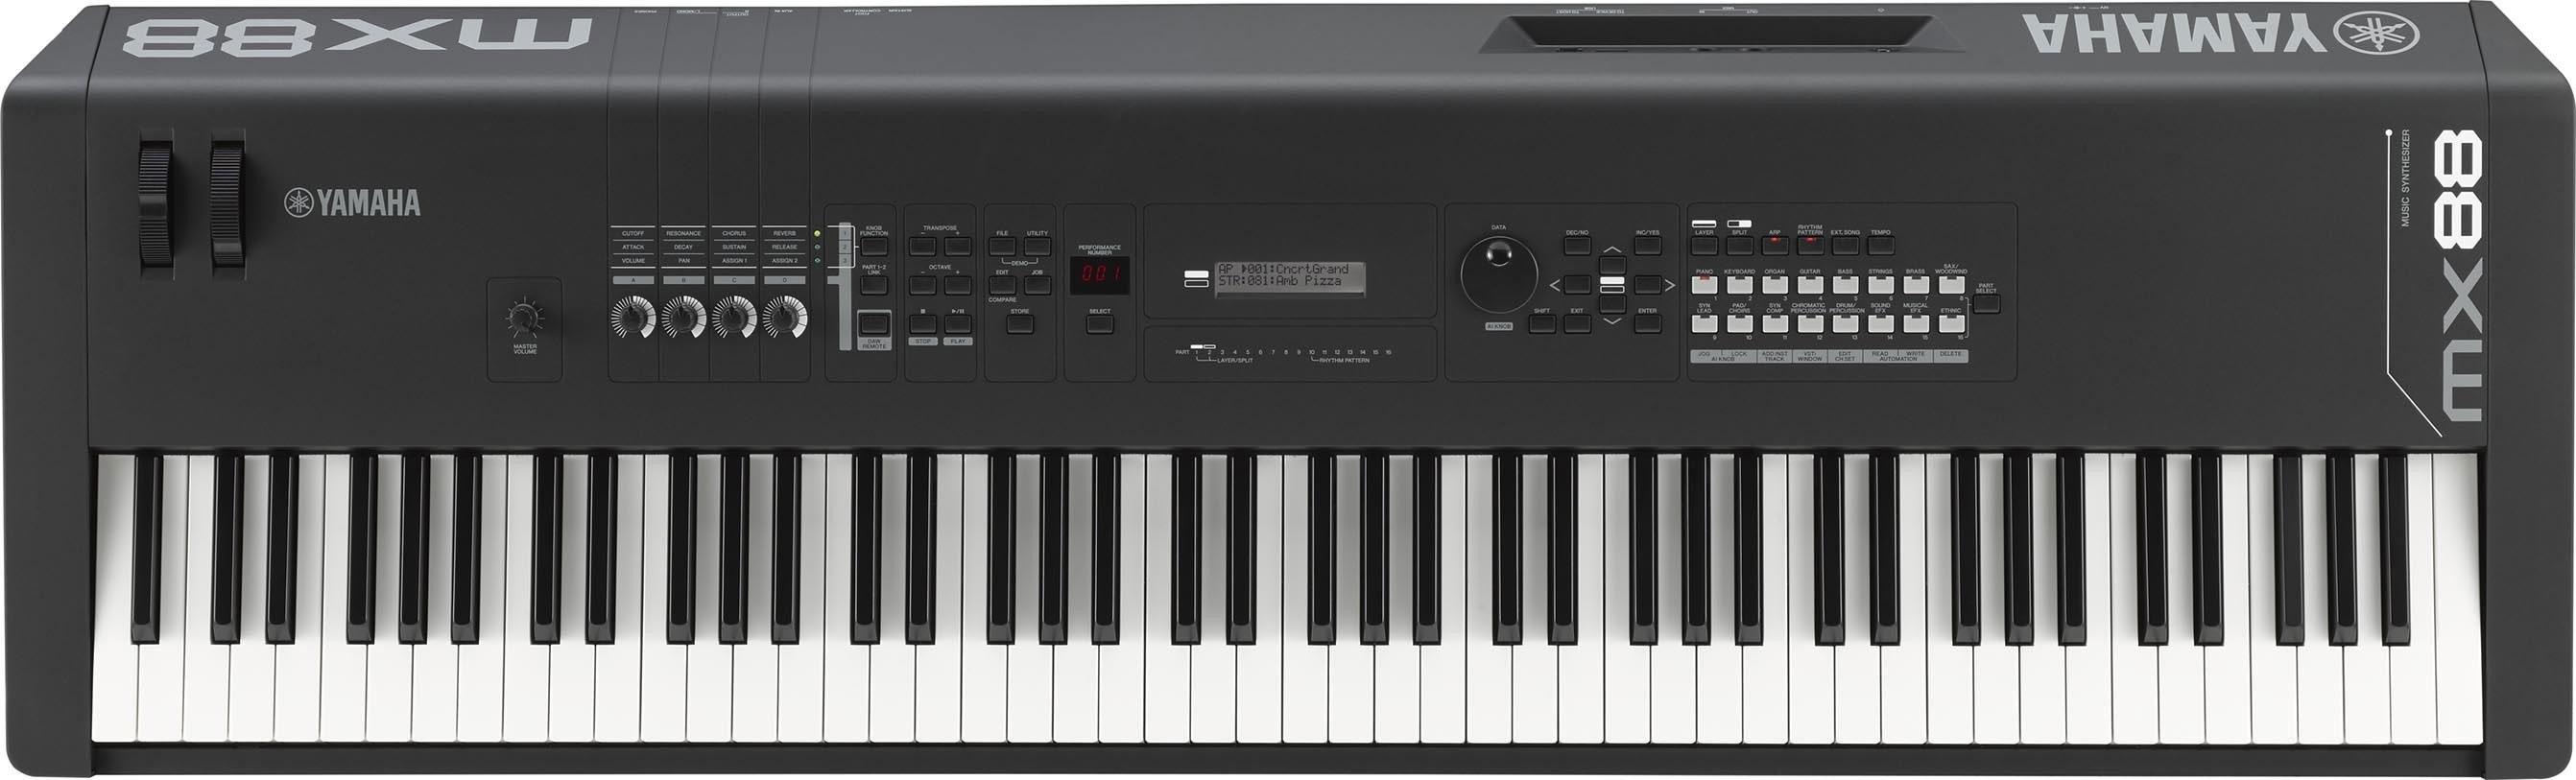 Yamaha MX 88